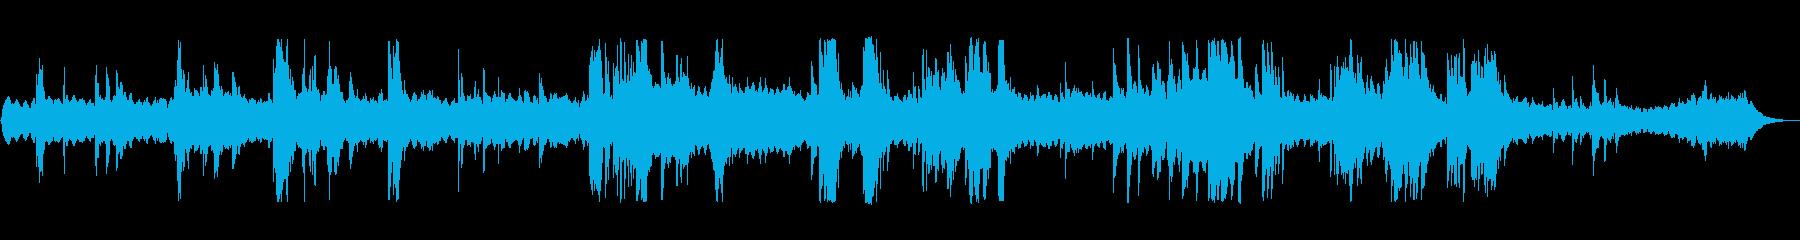 ピアノとシンセのSF風アンビエントの再生済みの波形